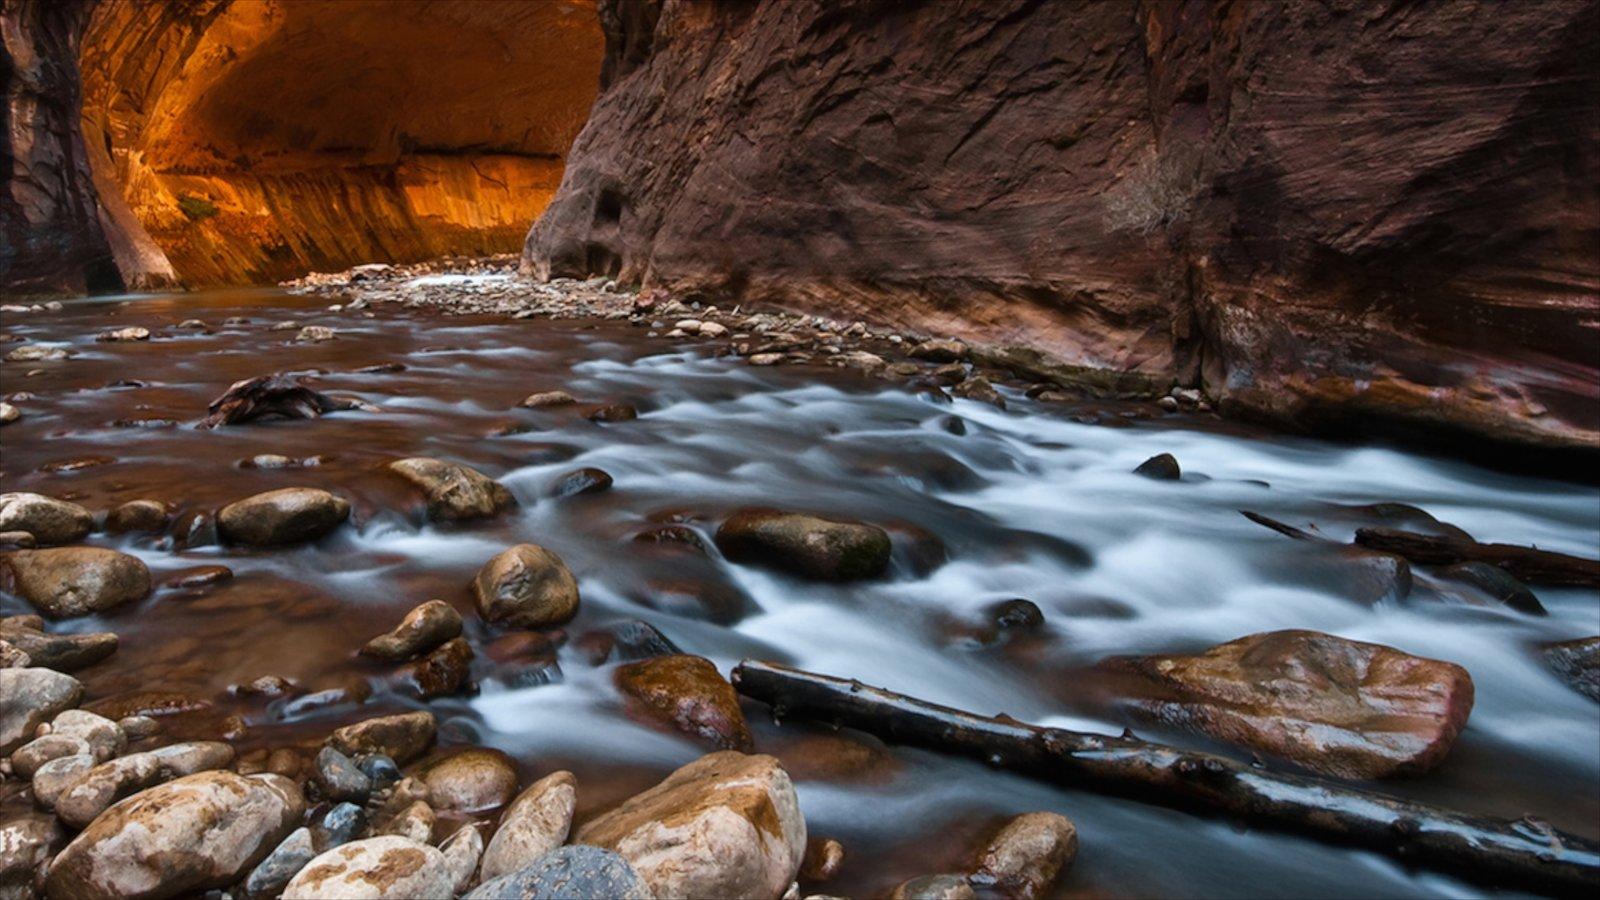 Parque Nacional Zion que incluye un río o arroyo